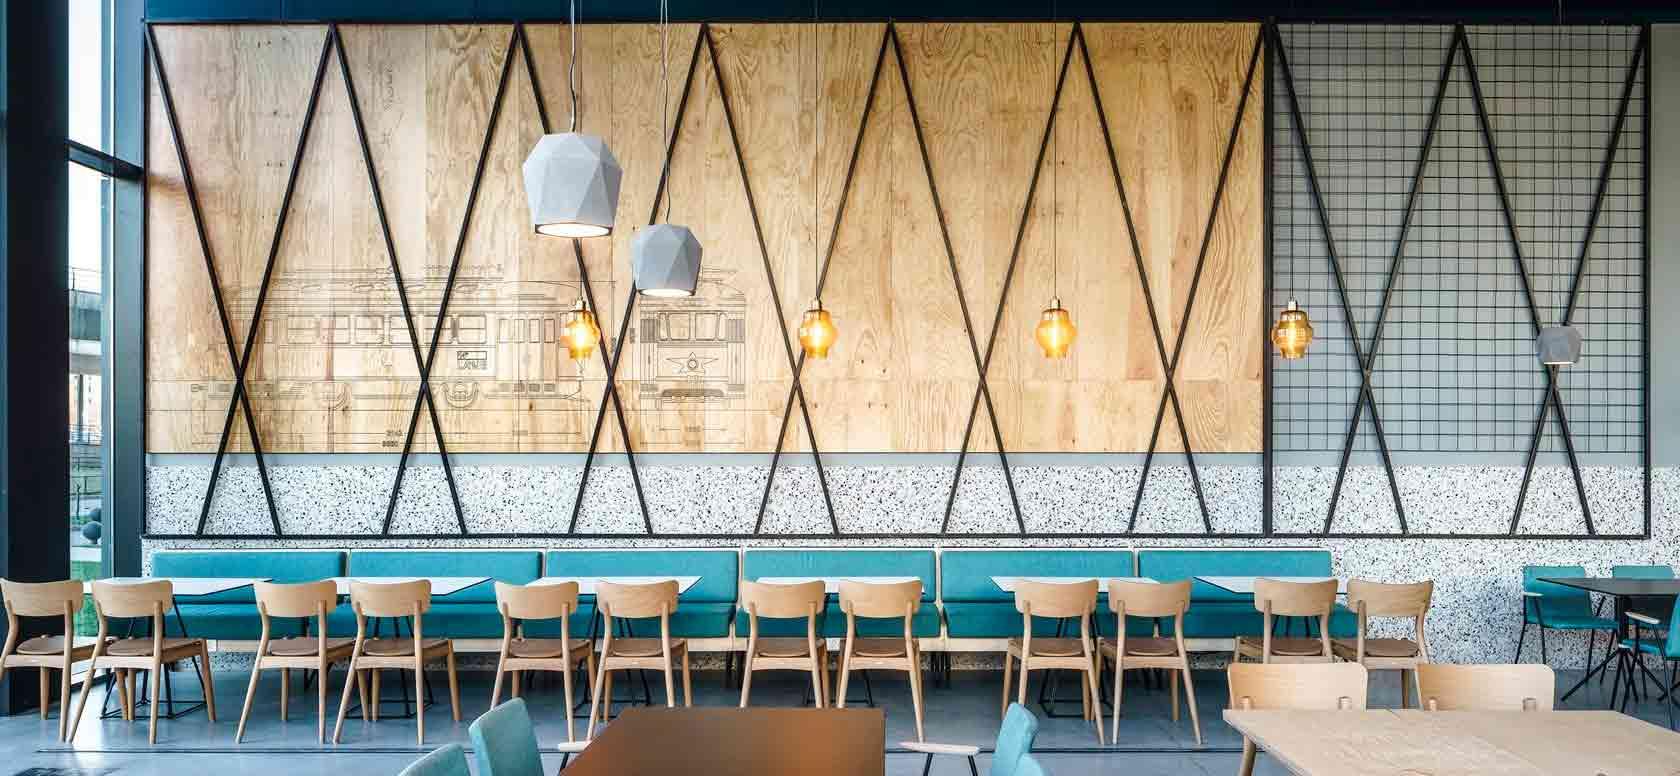 Trabajo realizado con Sillas madera de haya Malibú. Para hostelería, ambiente 1